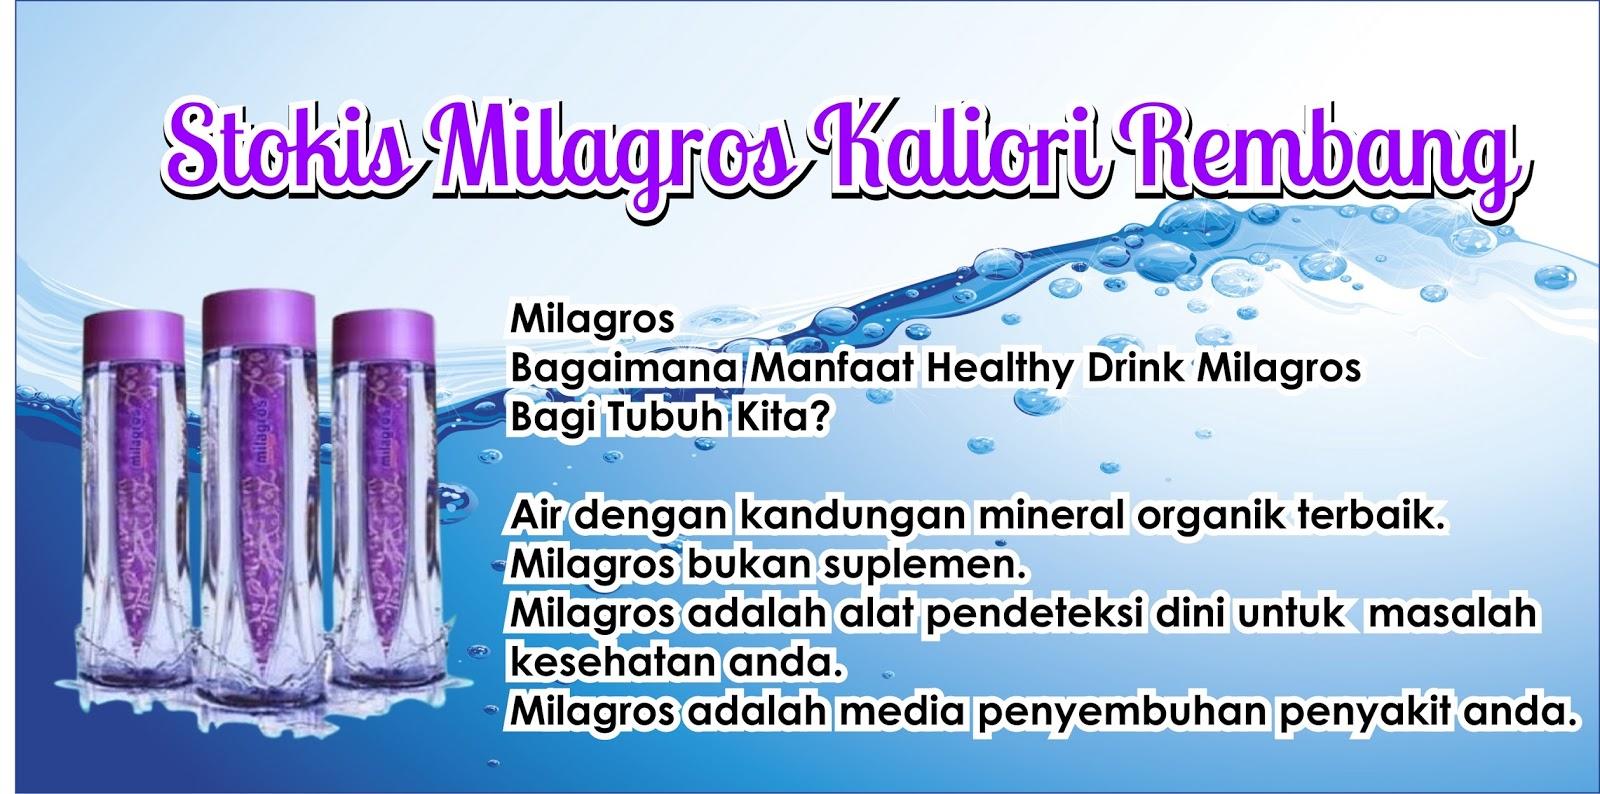 Desain Banner Milagros CDR